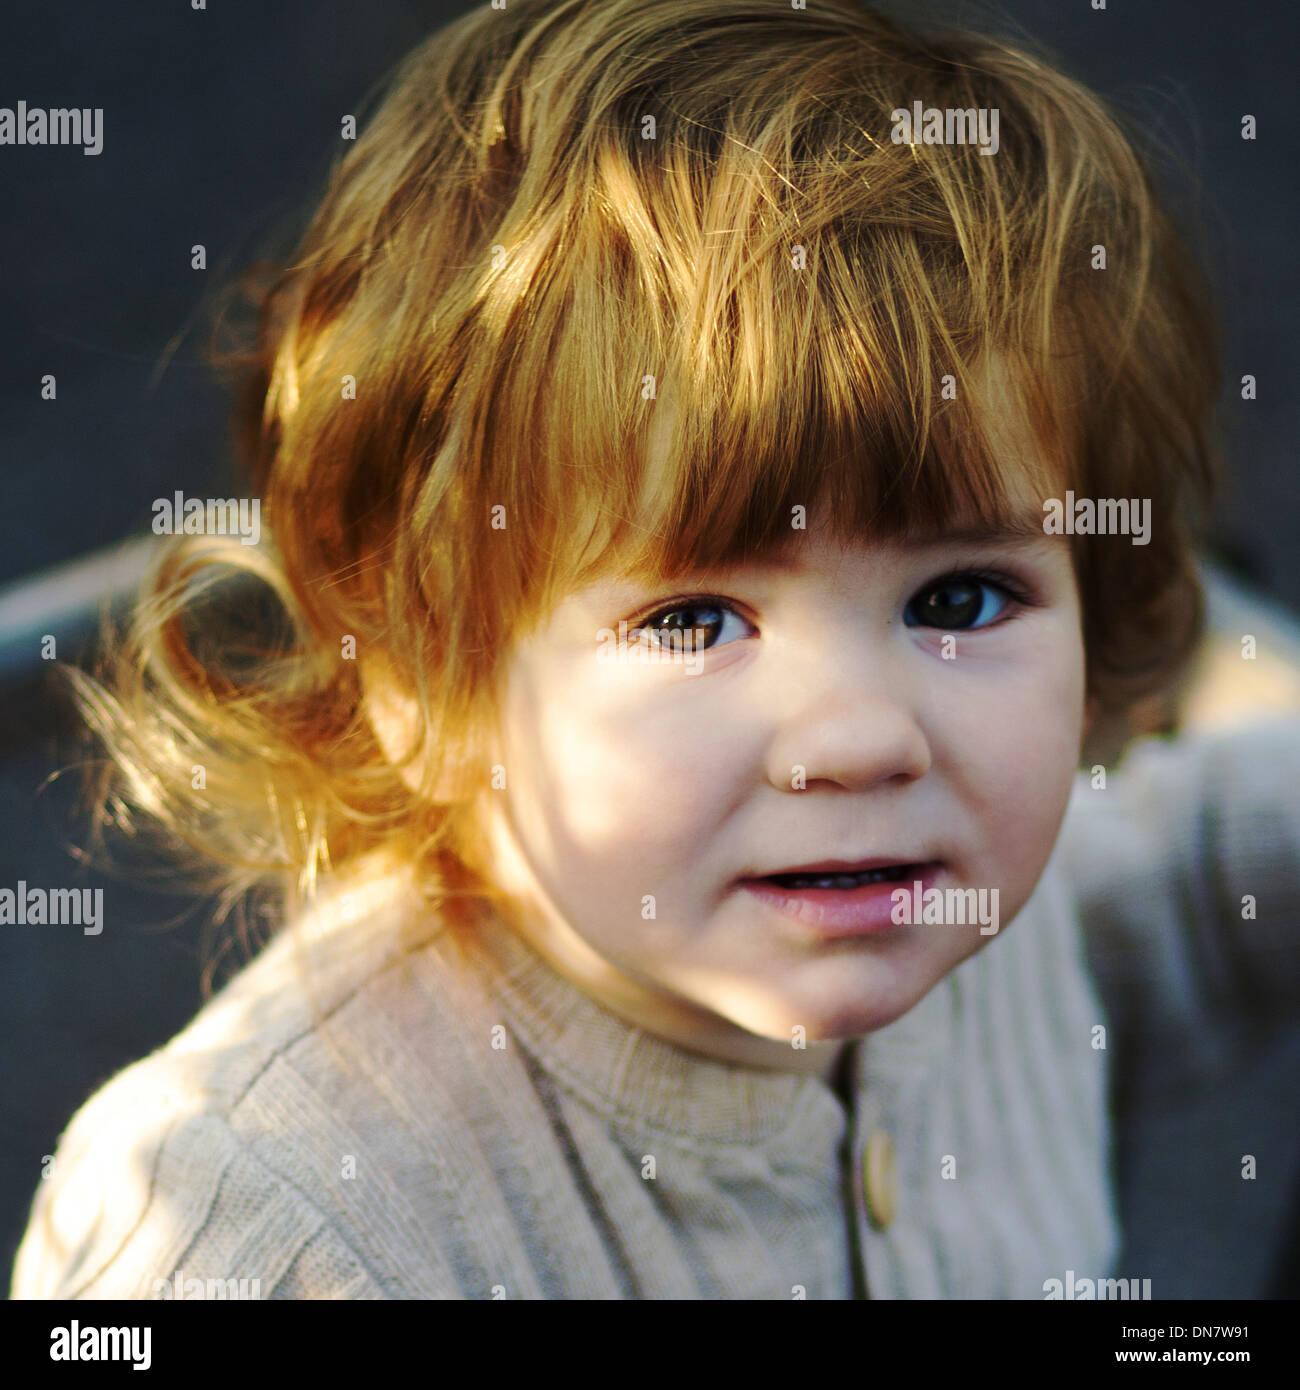 Portrait of a little boy - Stock Image